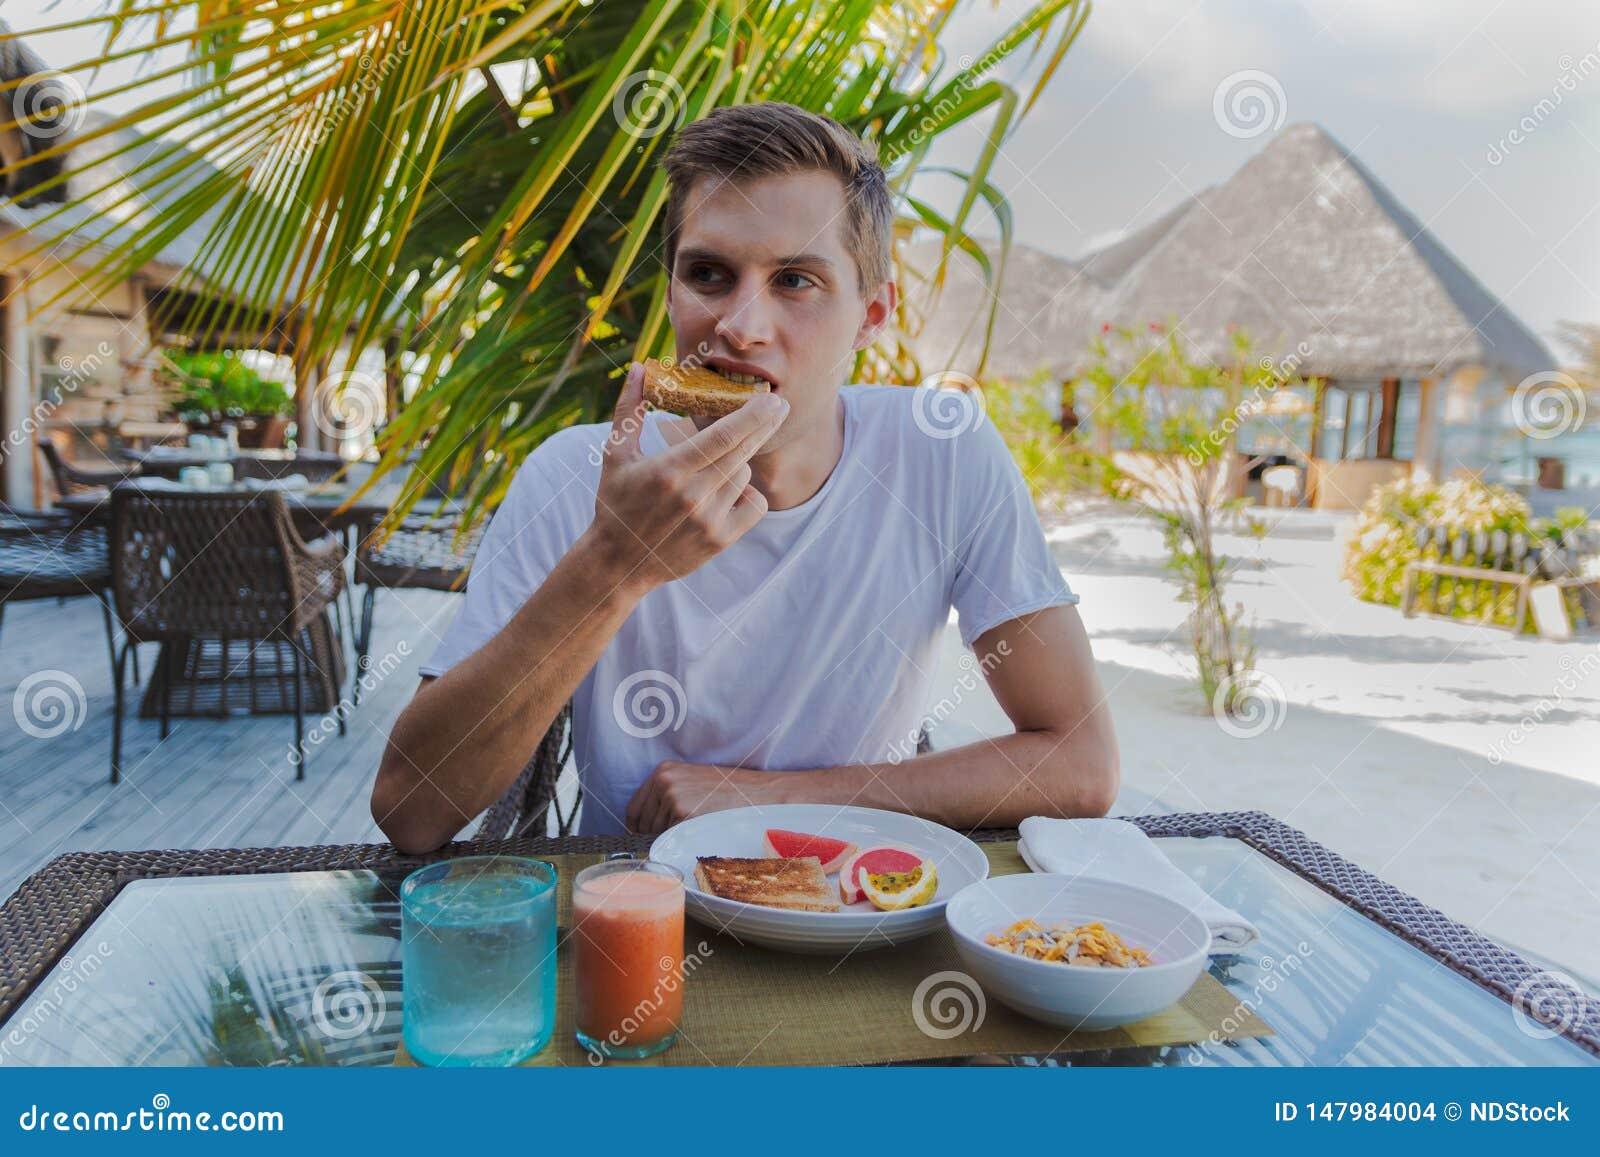 Giovane in vacanza in un isola tropicale che mangia una prima colazione sana